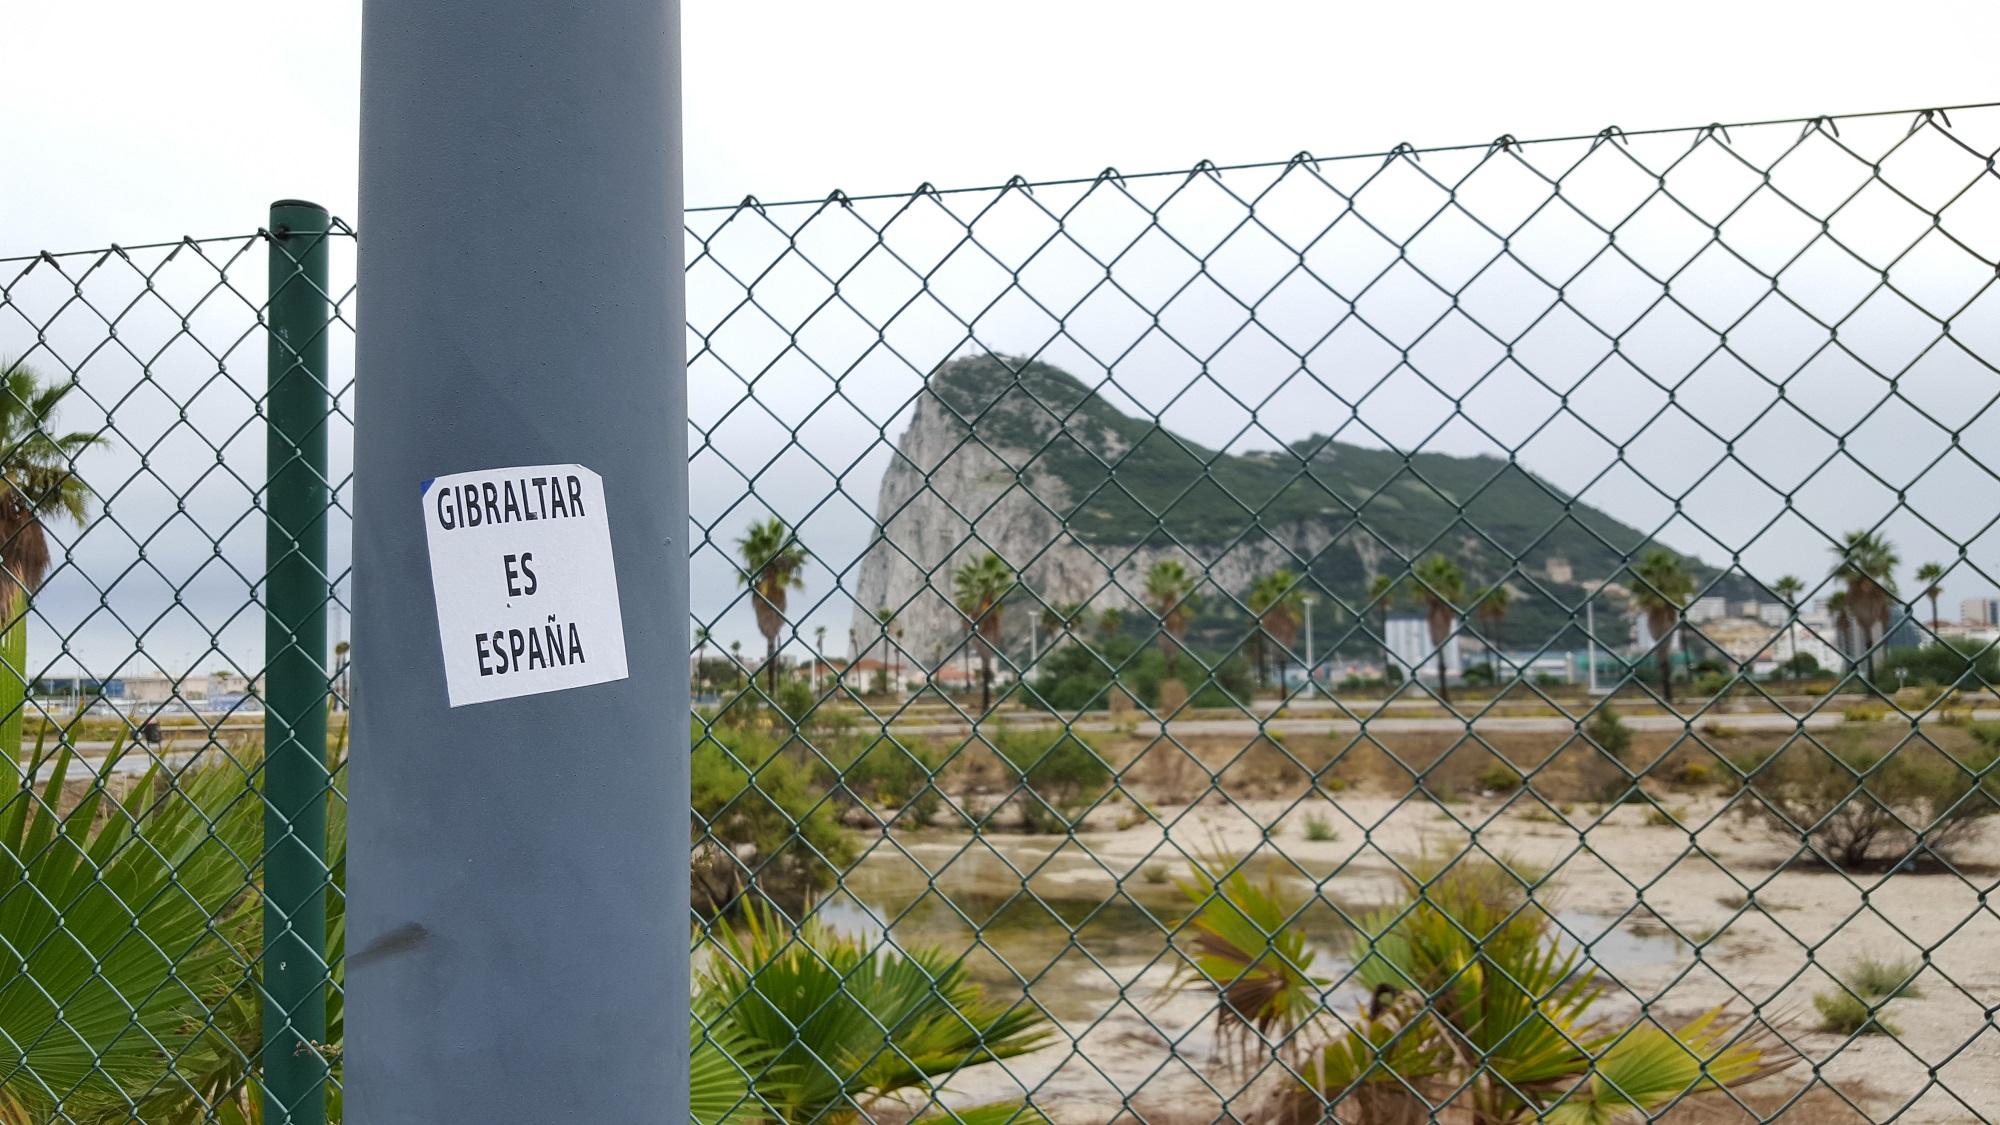 gibraltar es espana small